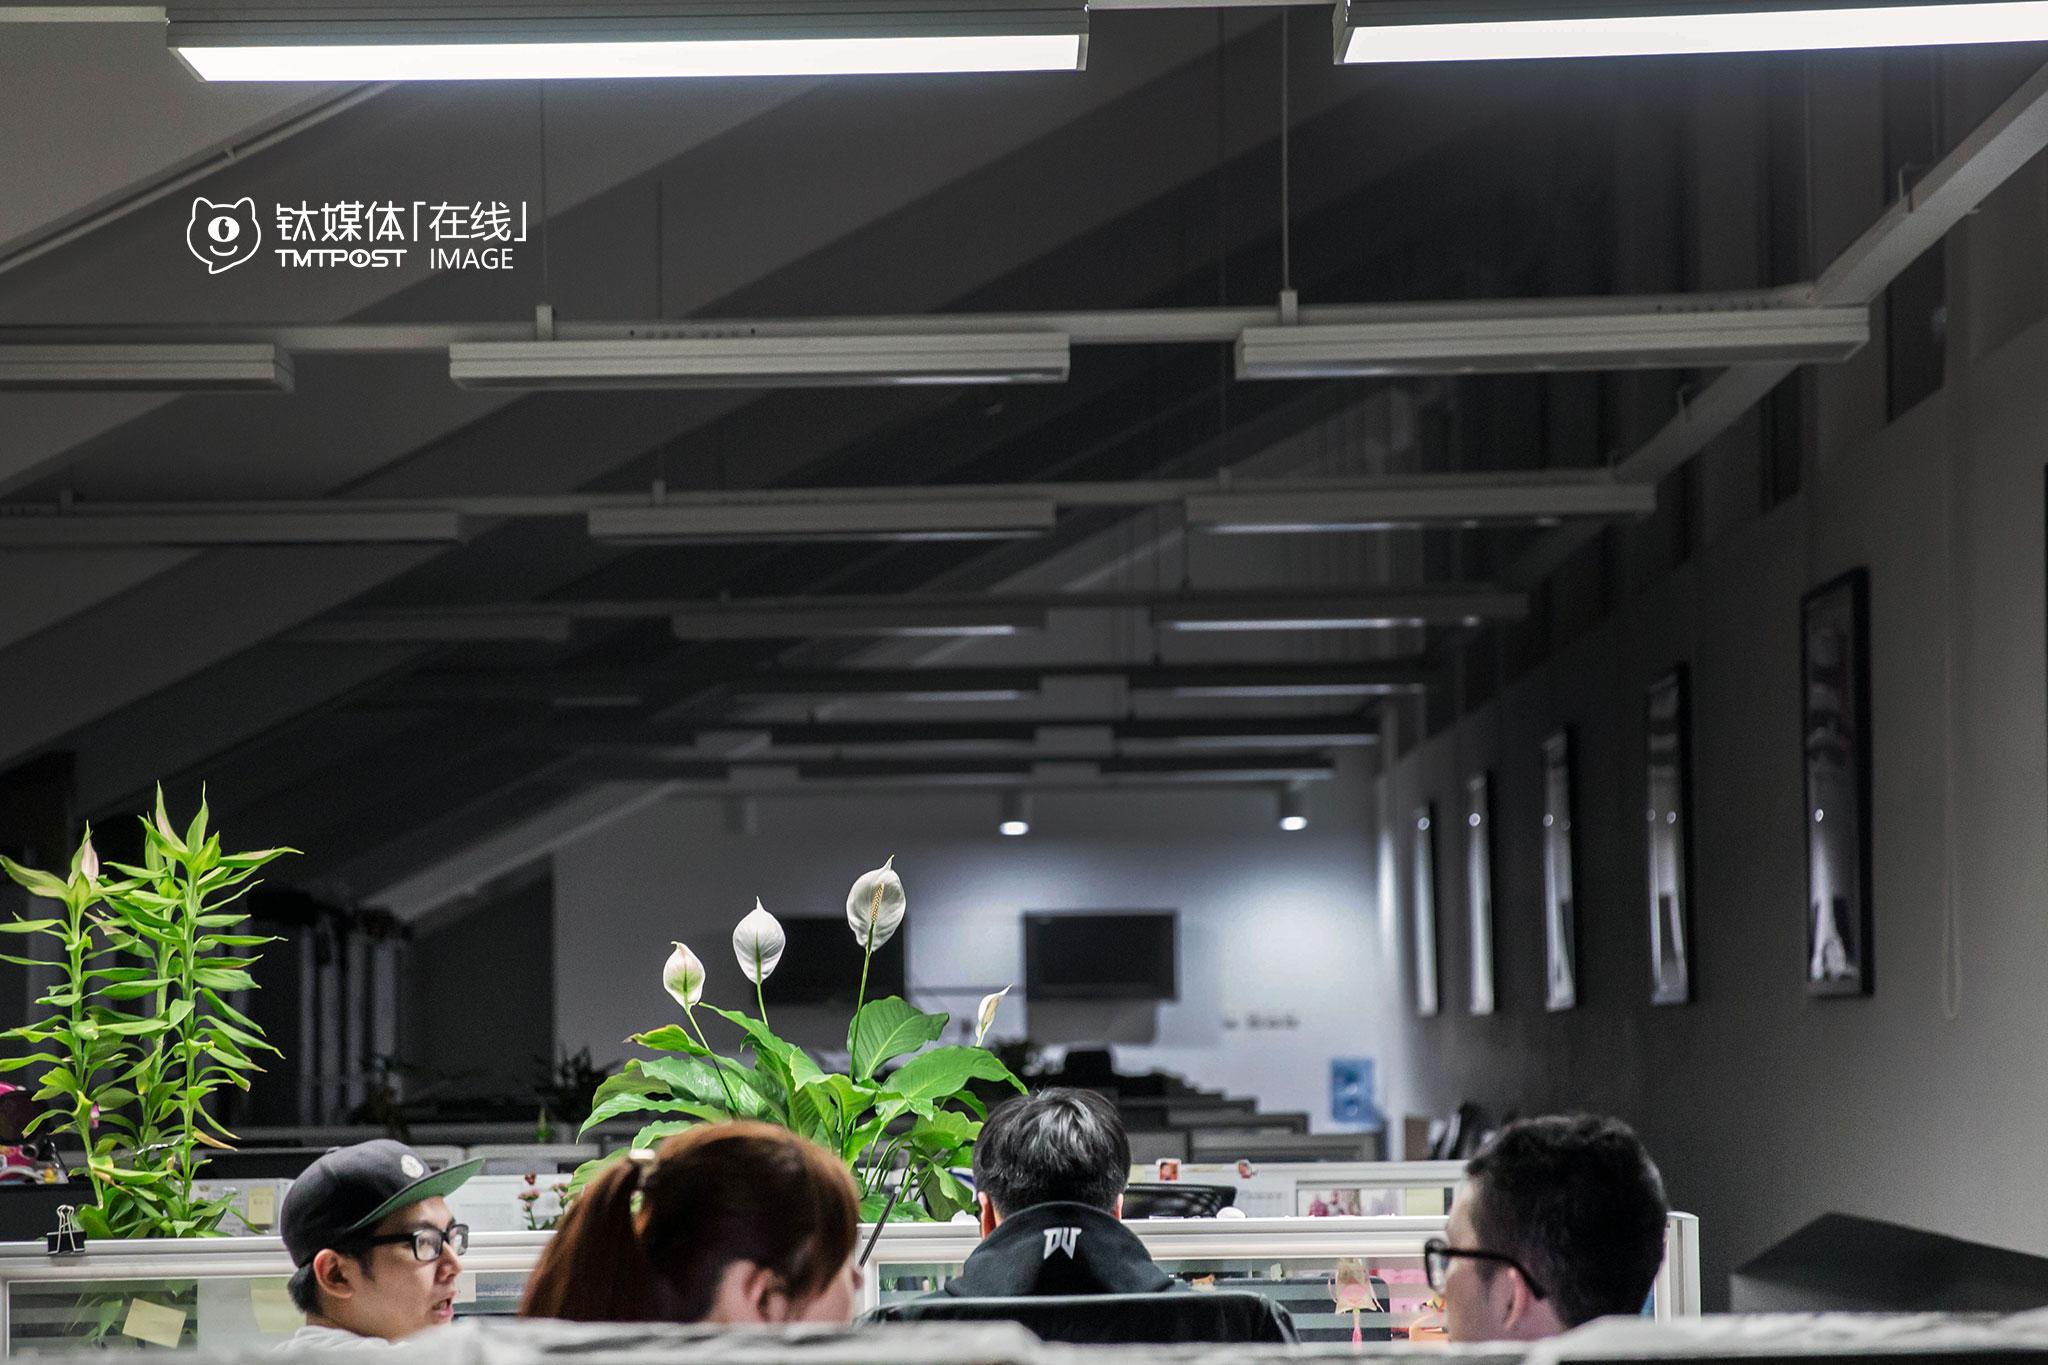 2016年3月5日00:07,北京莱锦创意产业园,DV篮球部落的4名台湾北漂正在加班。